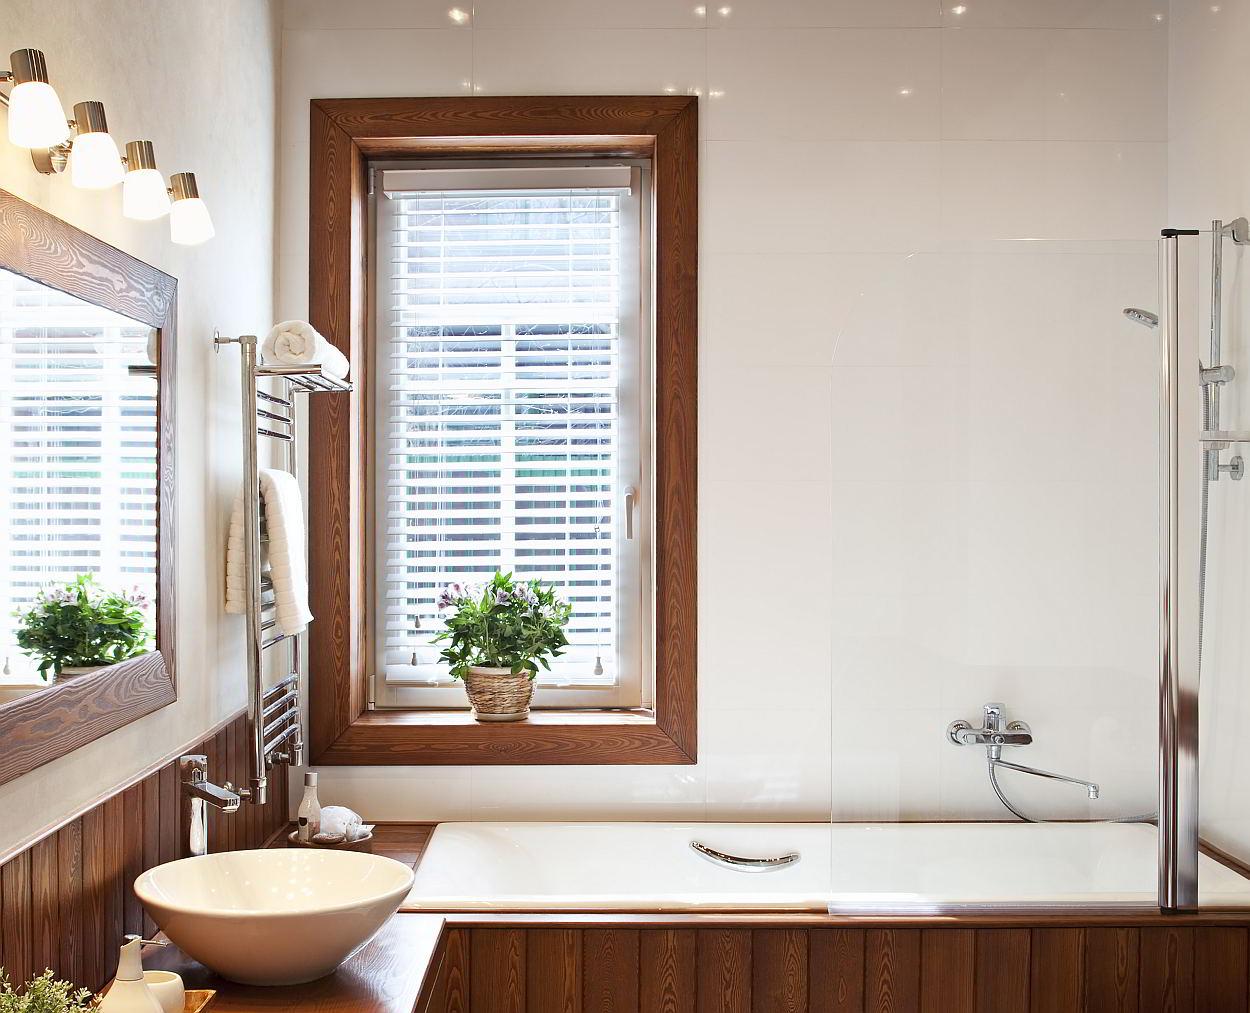 tips voor een bad douche binatie badkamer ideeà n